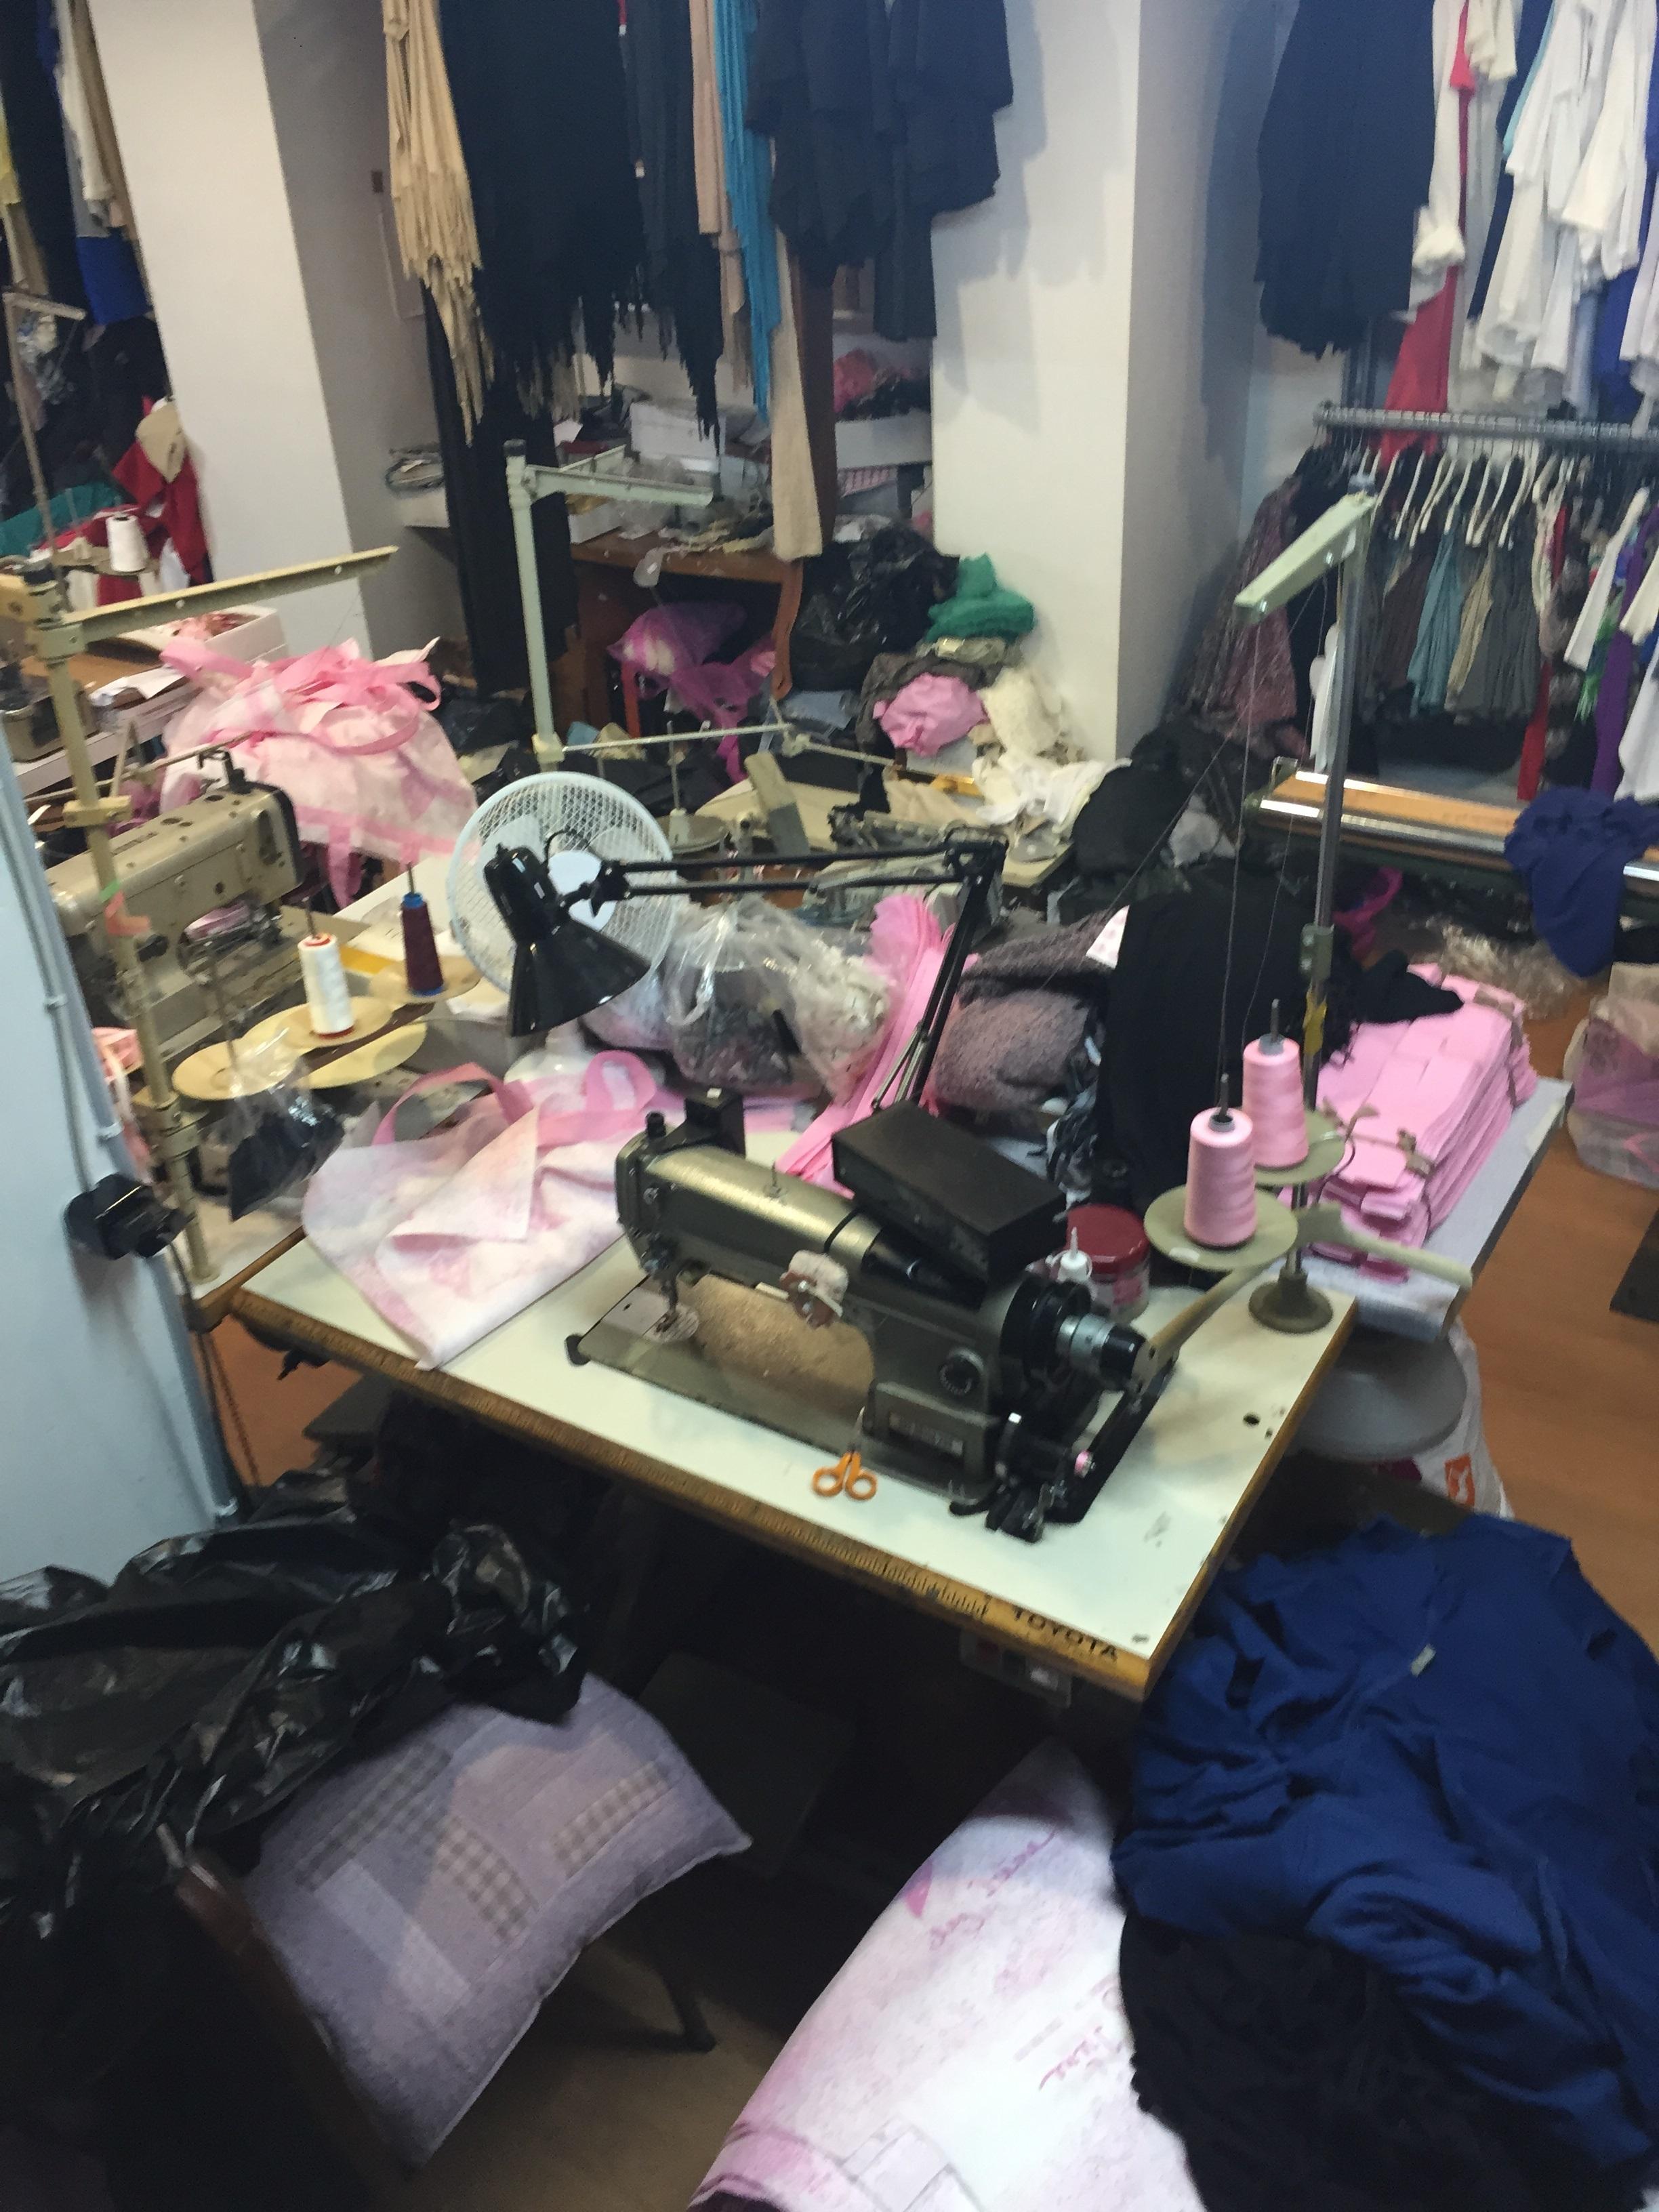 Θεσσαλονίκη  Χιλιάδες ρούχα «μαϊμού» σε 6 καταστήματα της πόλης! (φωτό) c4e2f2a3609